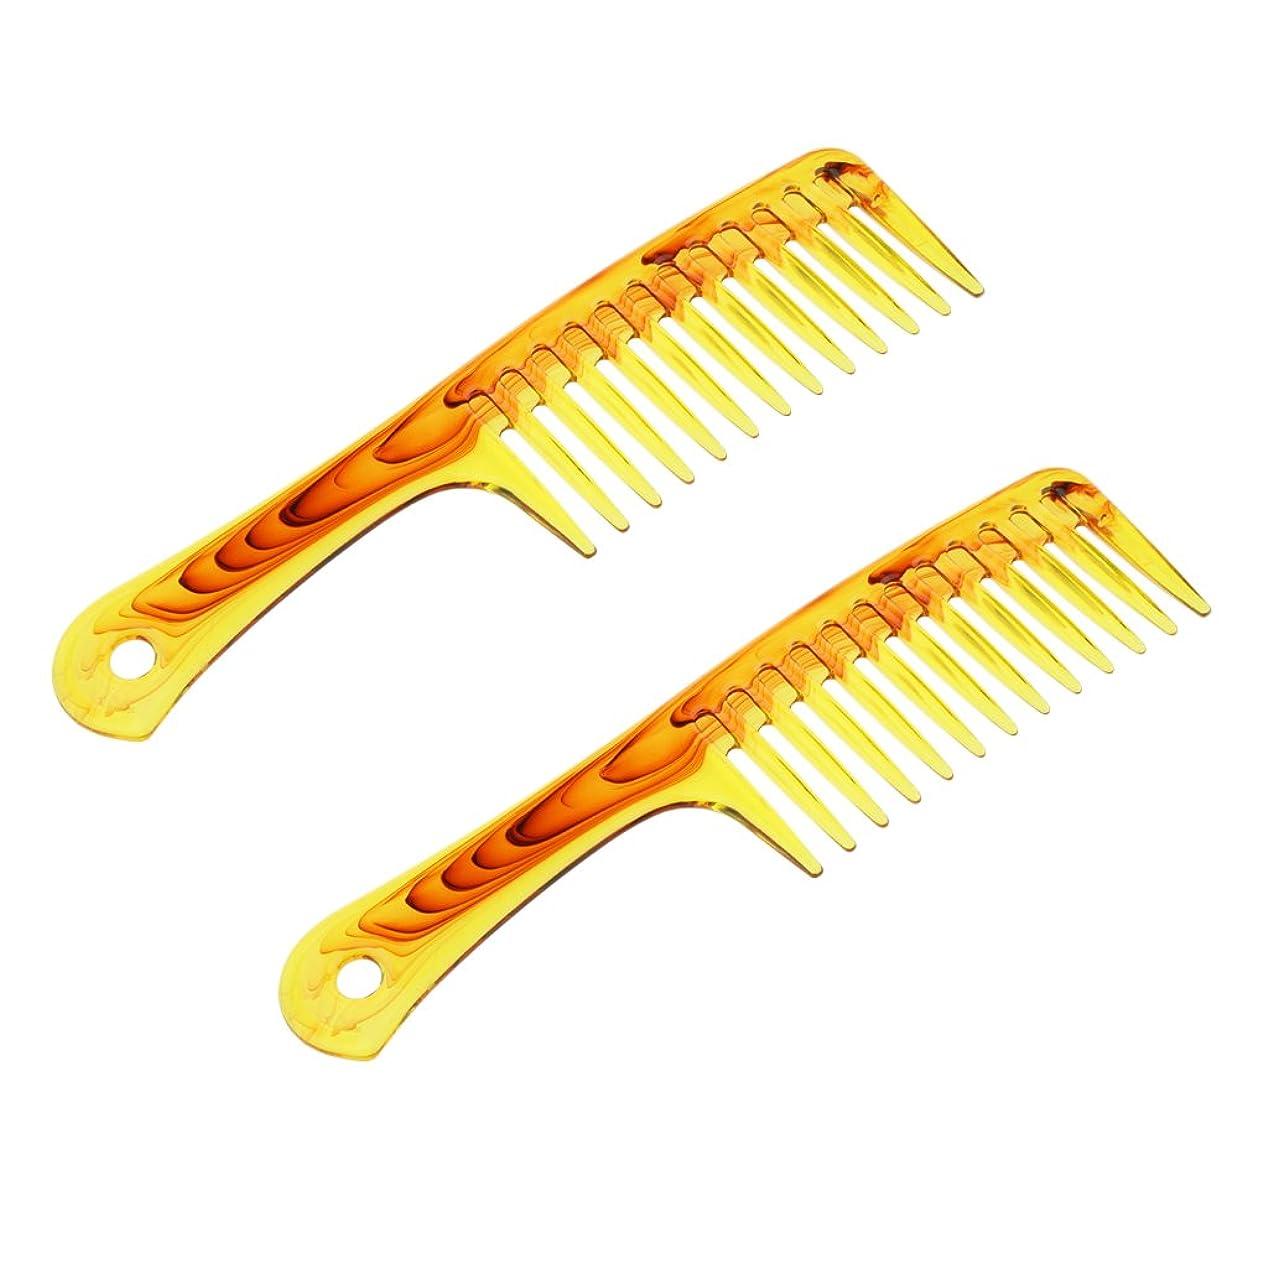 モーション甘やかす洗剤Baosity ヘアコーム プラスチック製 2個入 櫛 くし シャンプー 広い歯